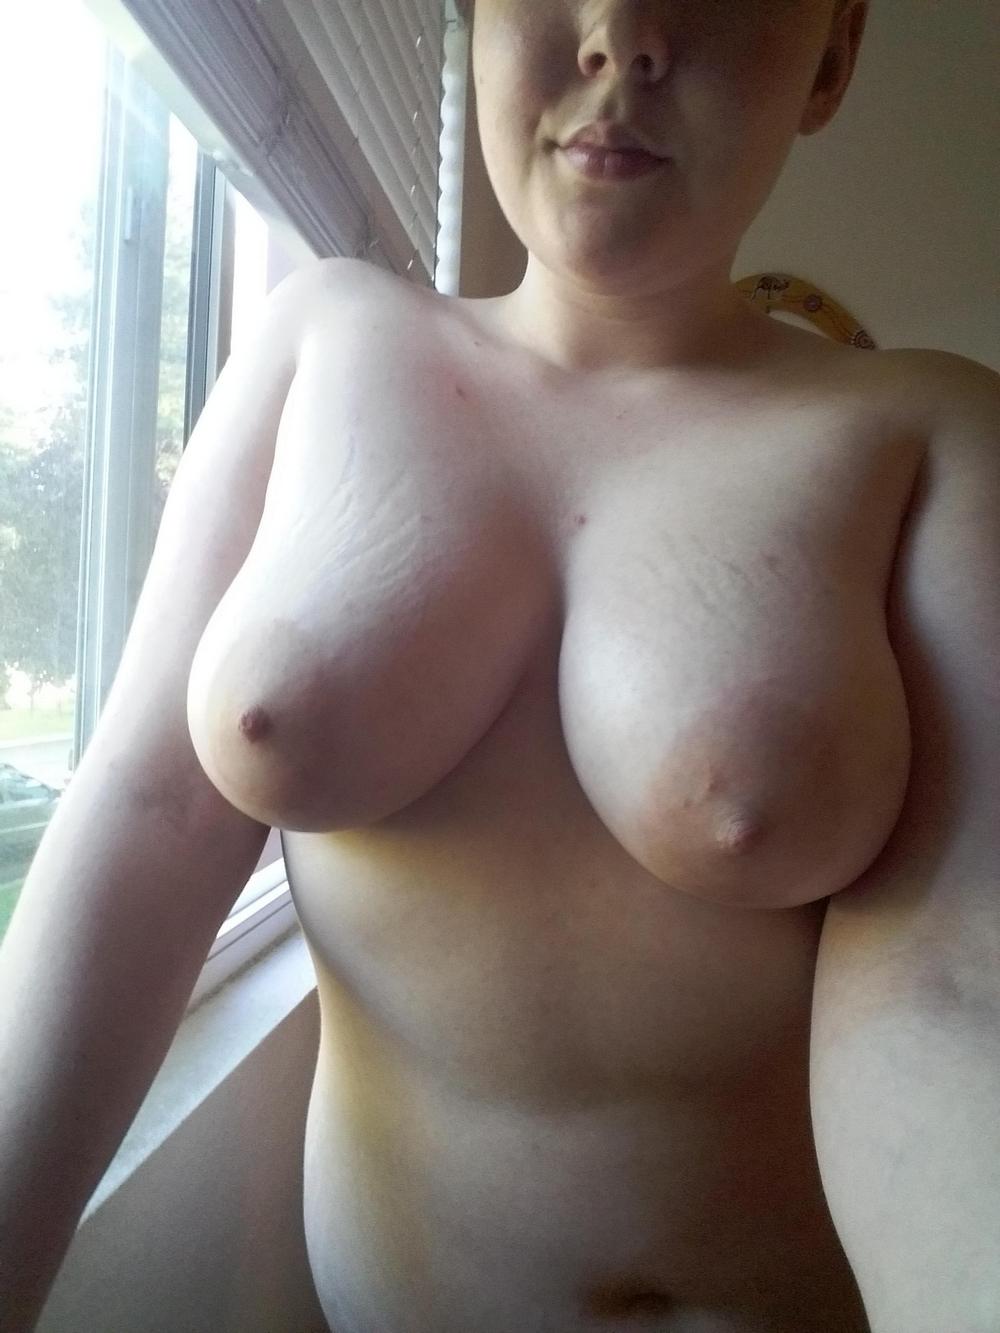 Толстая телочка обнажается перед камерой и светит мохнатой киской - порно фото